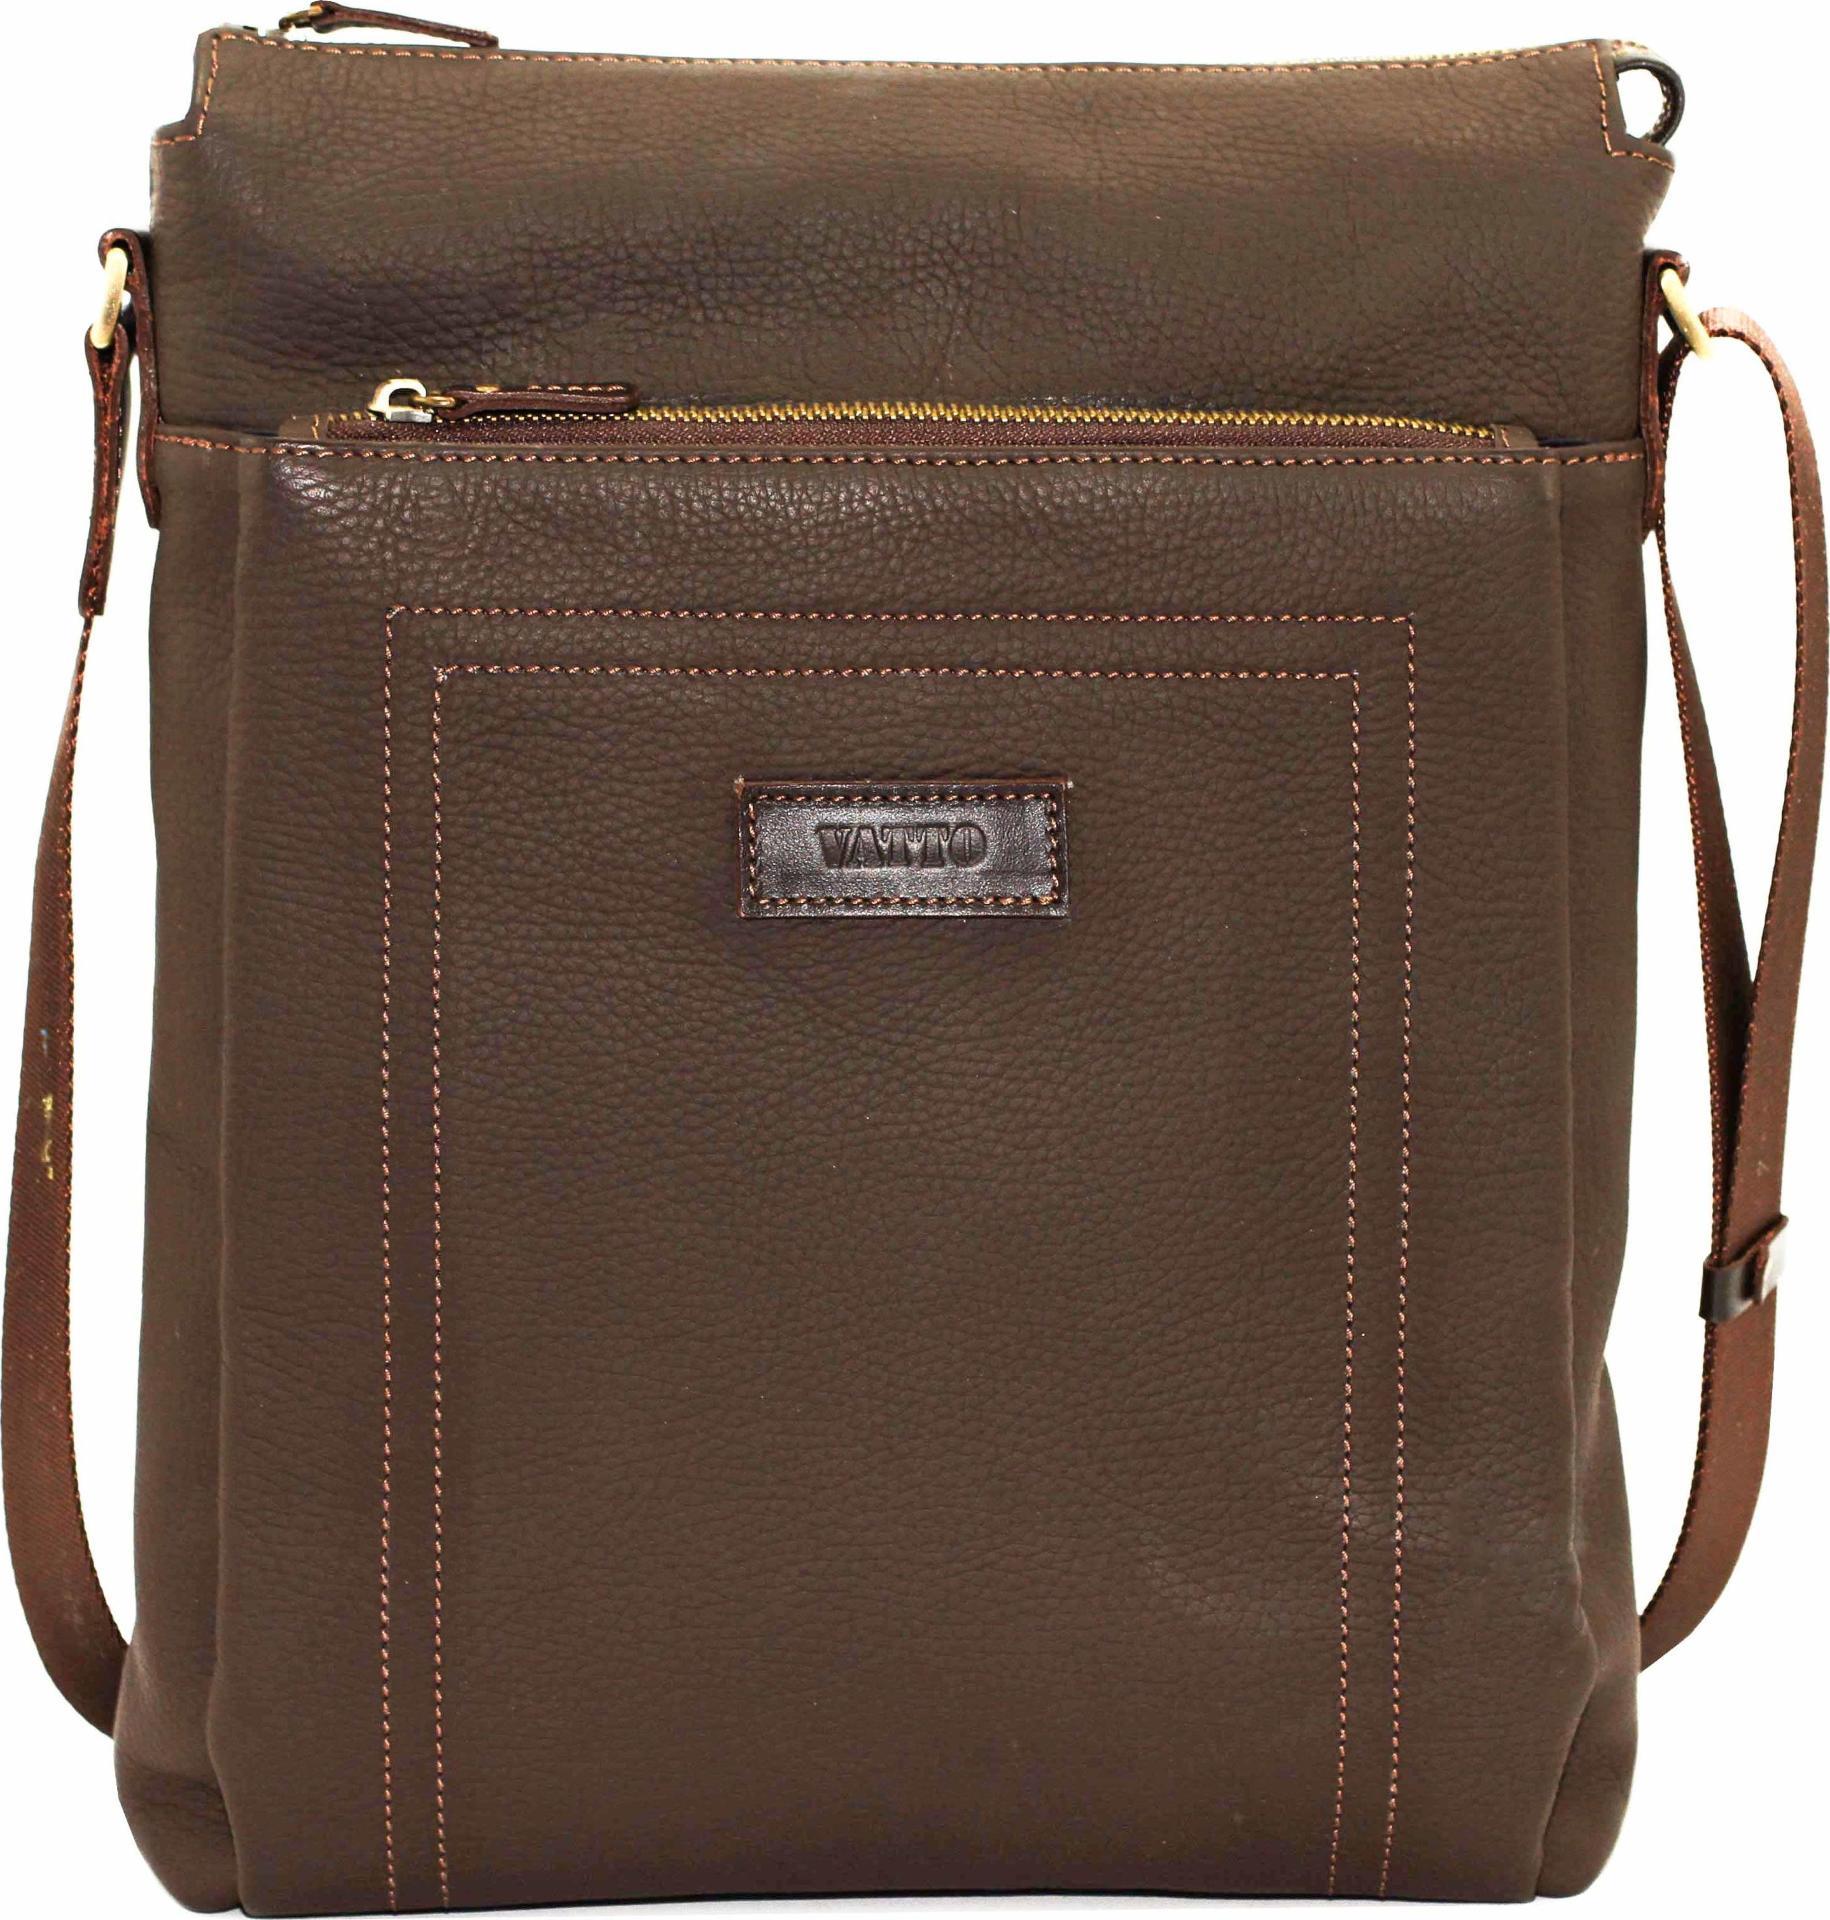 e8de85751424 Мужская сумка коричневого цвета VATTO (12048) купить в Киеве, цена ...